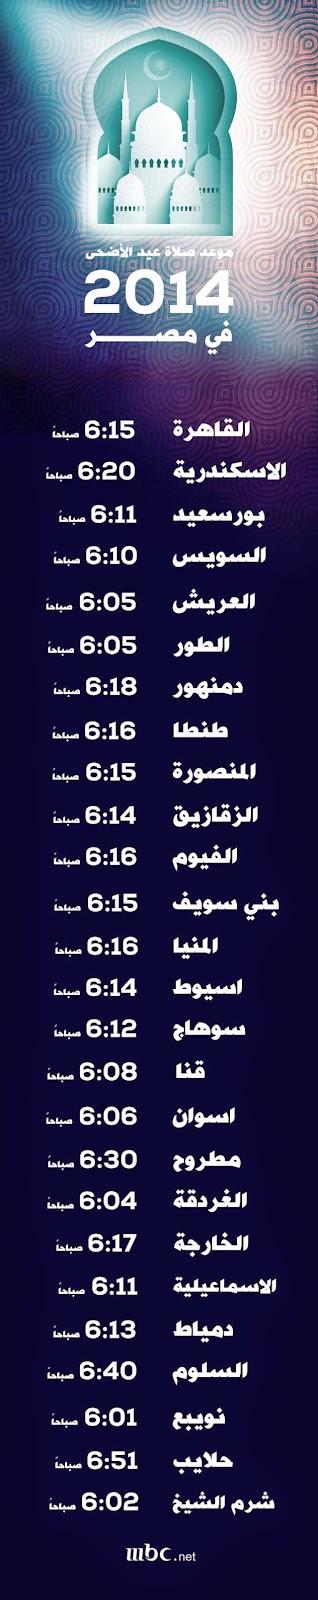 مواقيت صلاة عيد الاضحى المبارك مصر 2014 ميقات صلاة العيد الأكبر 1435 هجرية  وقت صلاة عيد الأضحى في مصر القاهرة و الجيزة و المحافظات adha prayer